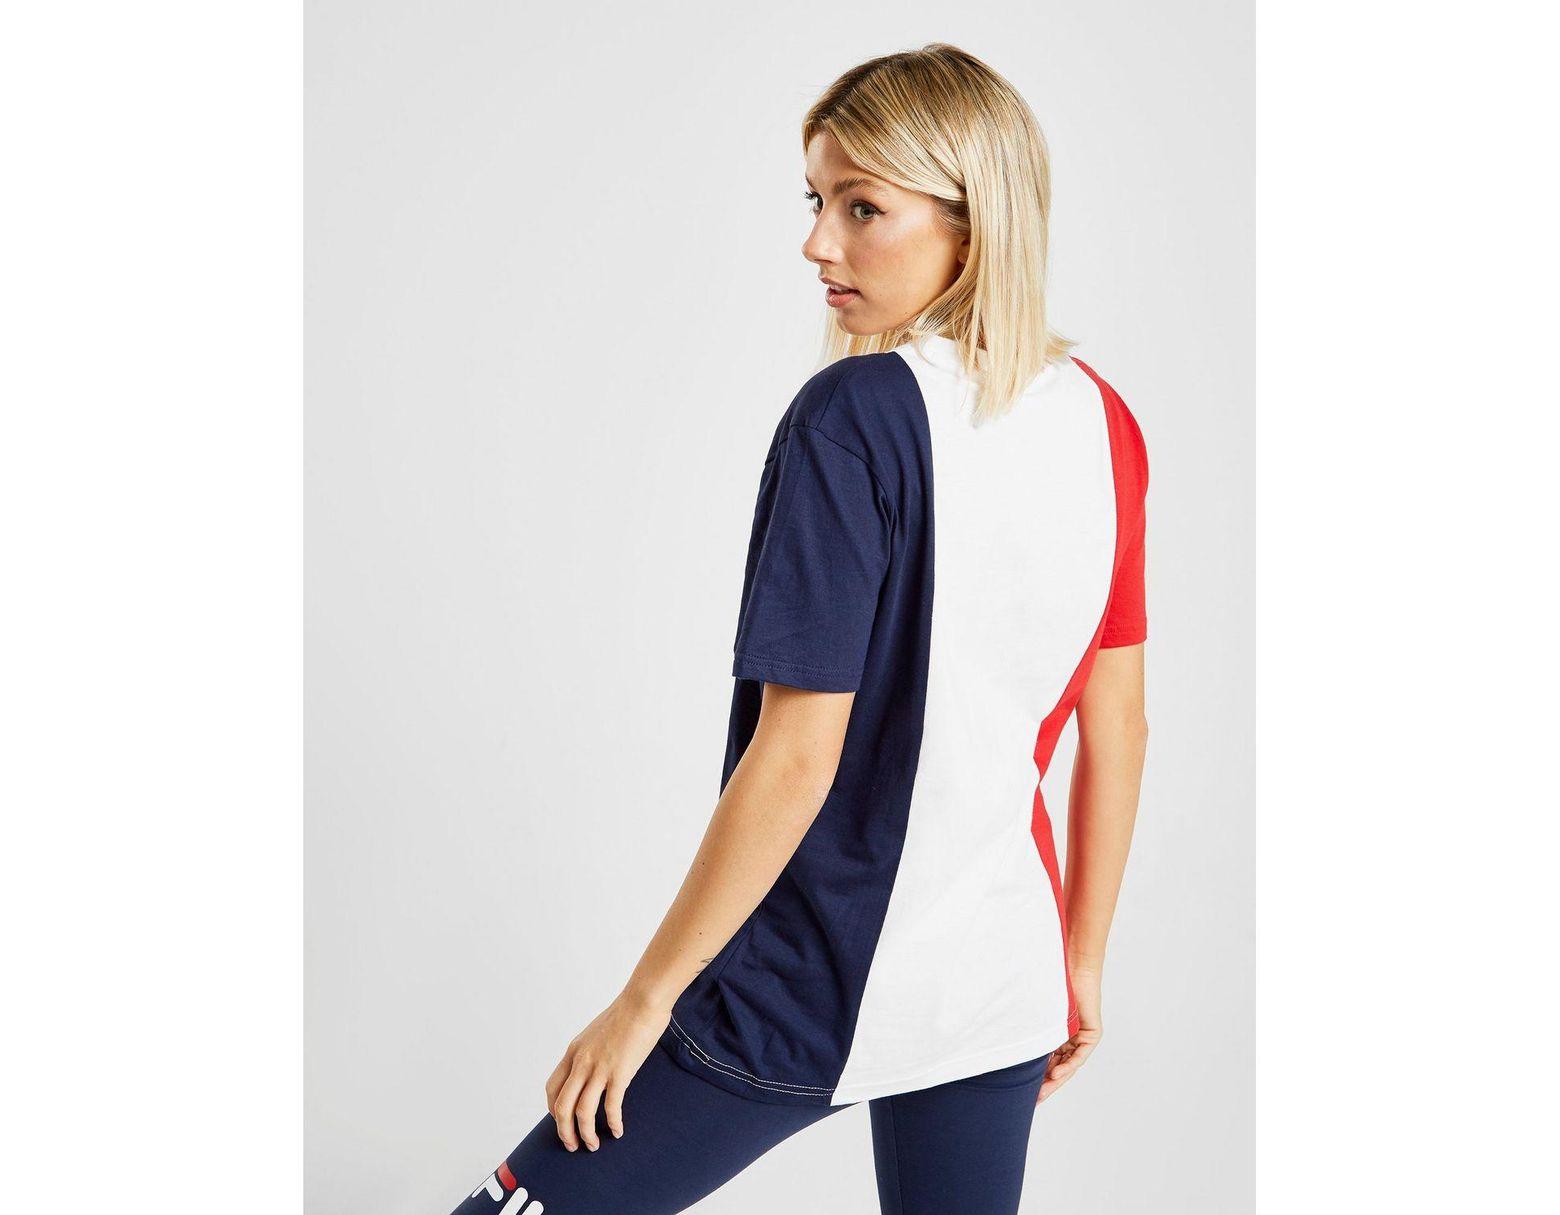 eff9983319ad Fila Panel Boyfriend T-shirt - Save 29% - Lyst